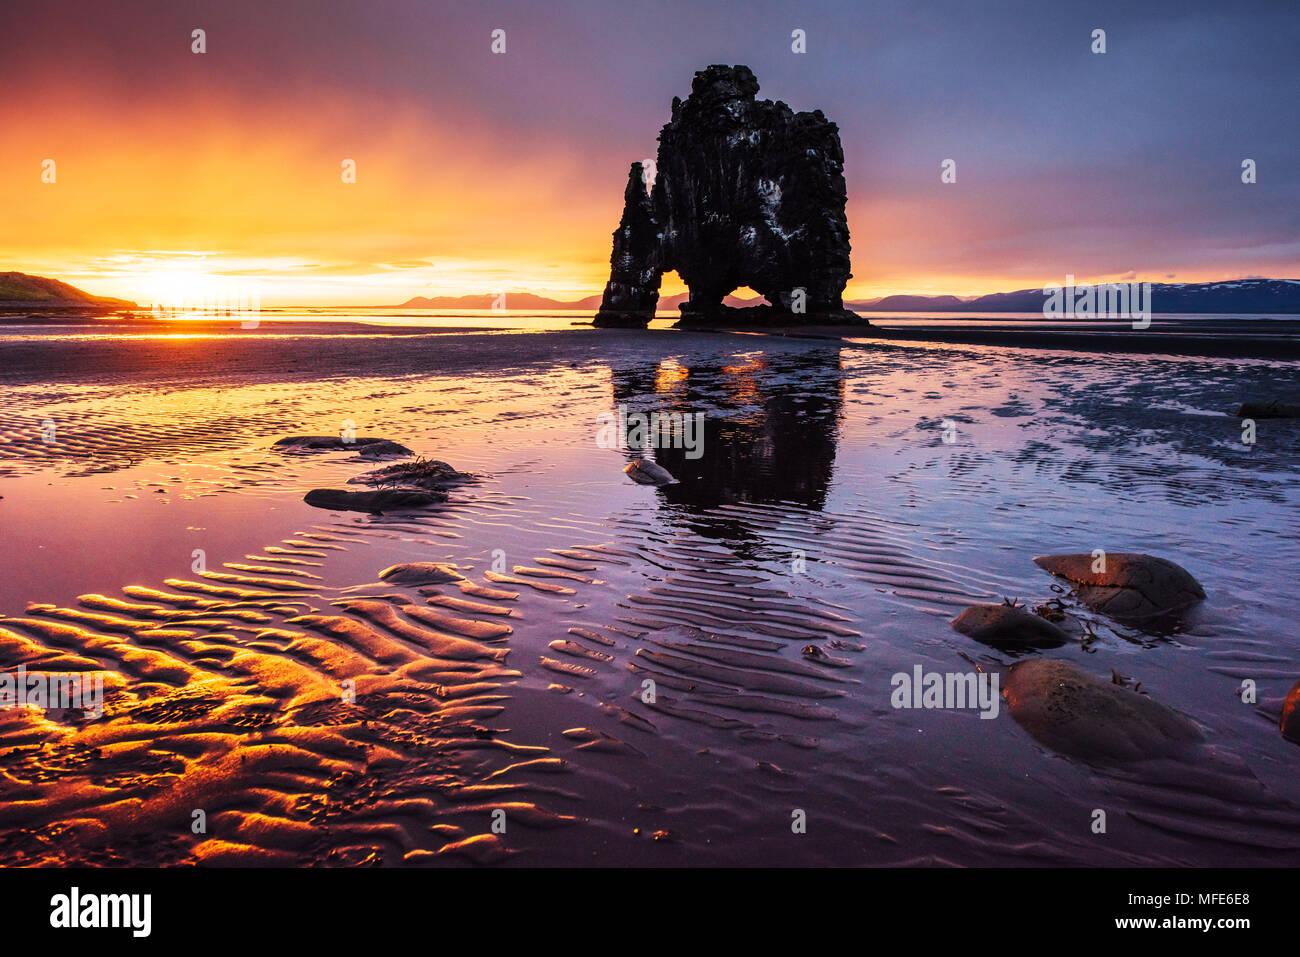 Ist eine spektakuläre Felsen im Meer an der nördlichen Küste von Island. Legenden sagen, es ist ein versteinerter Troll. Auf diesem Foto Hvítserkur spiegelt sich im Meer Wasser nach dem 24.00 Uhr Sonnenuntergang Stockbild